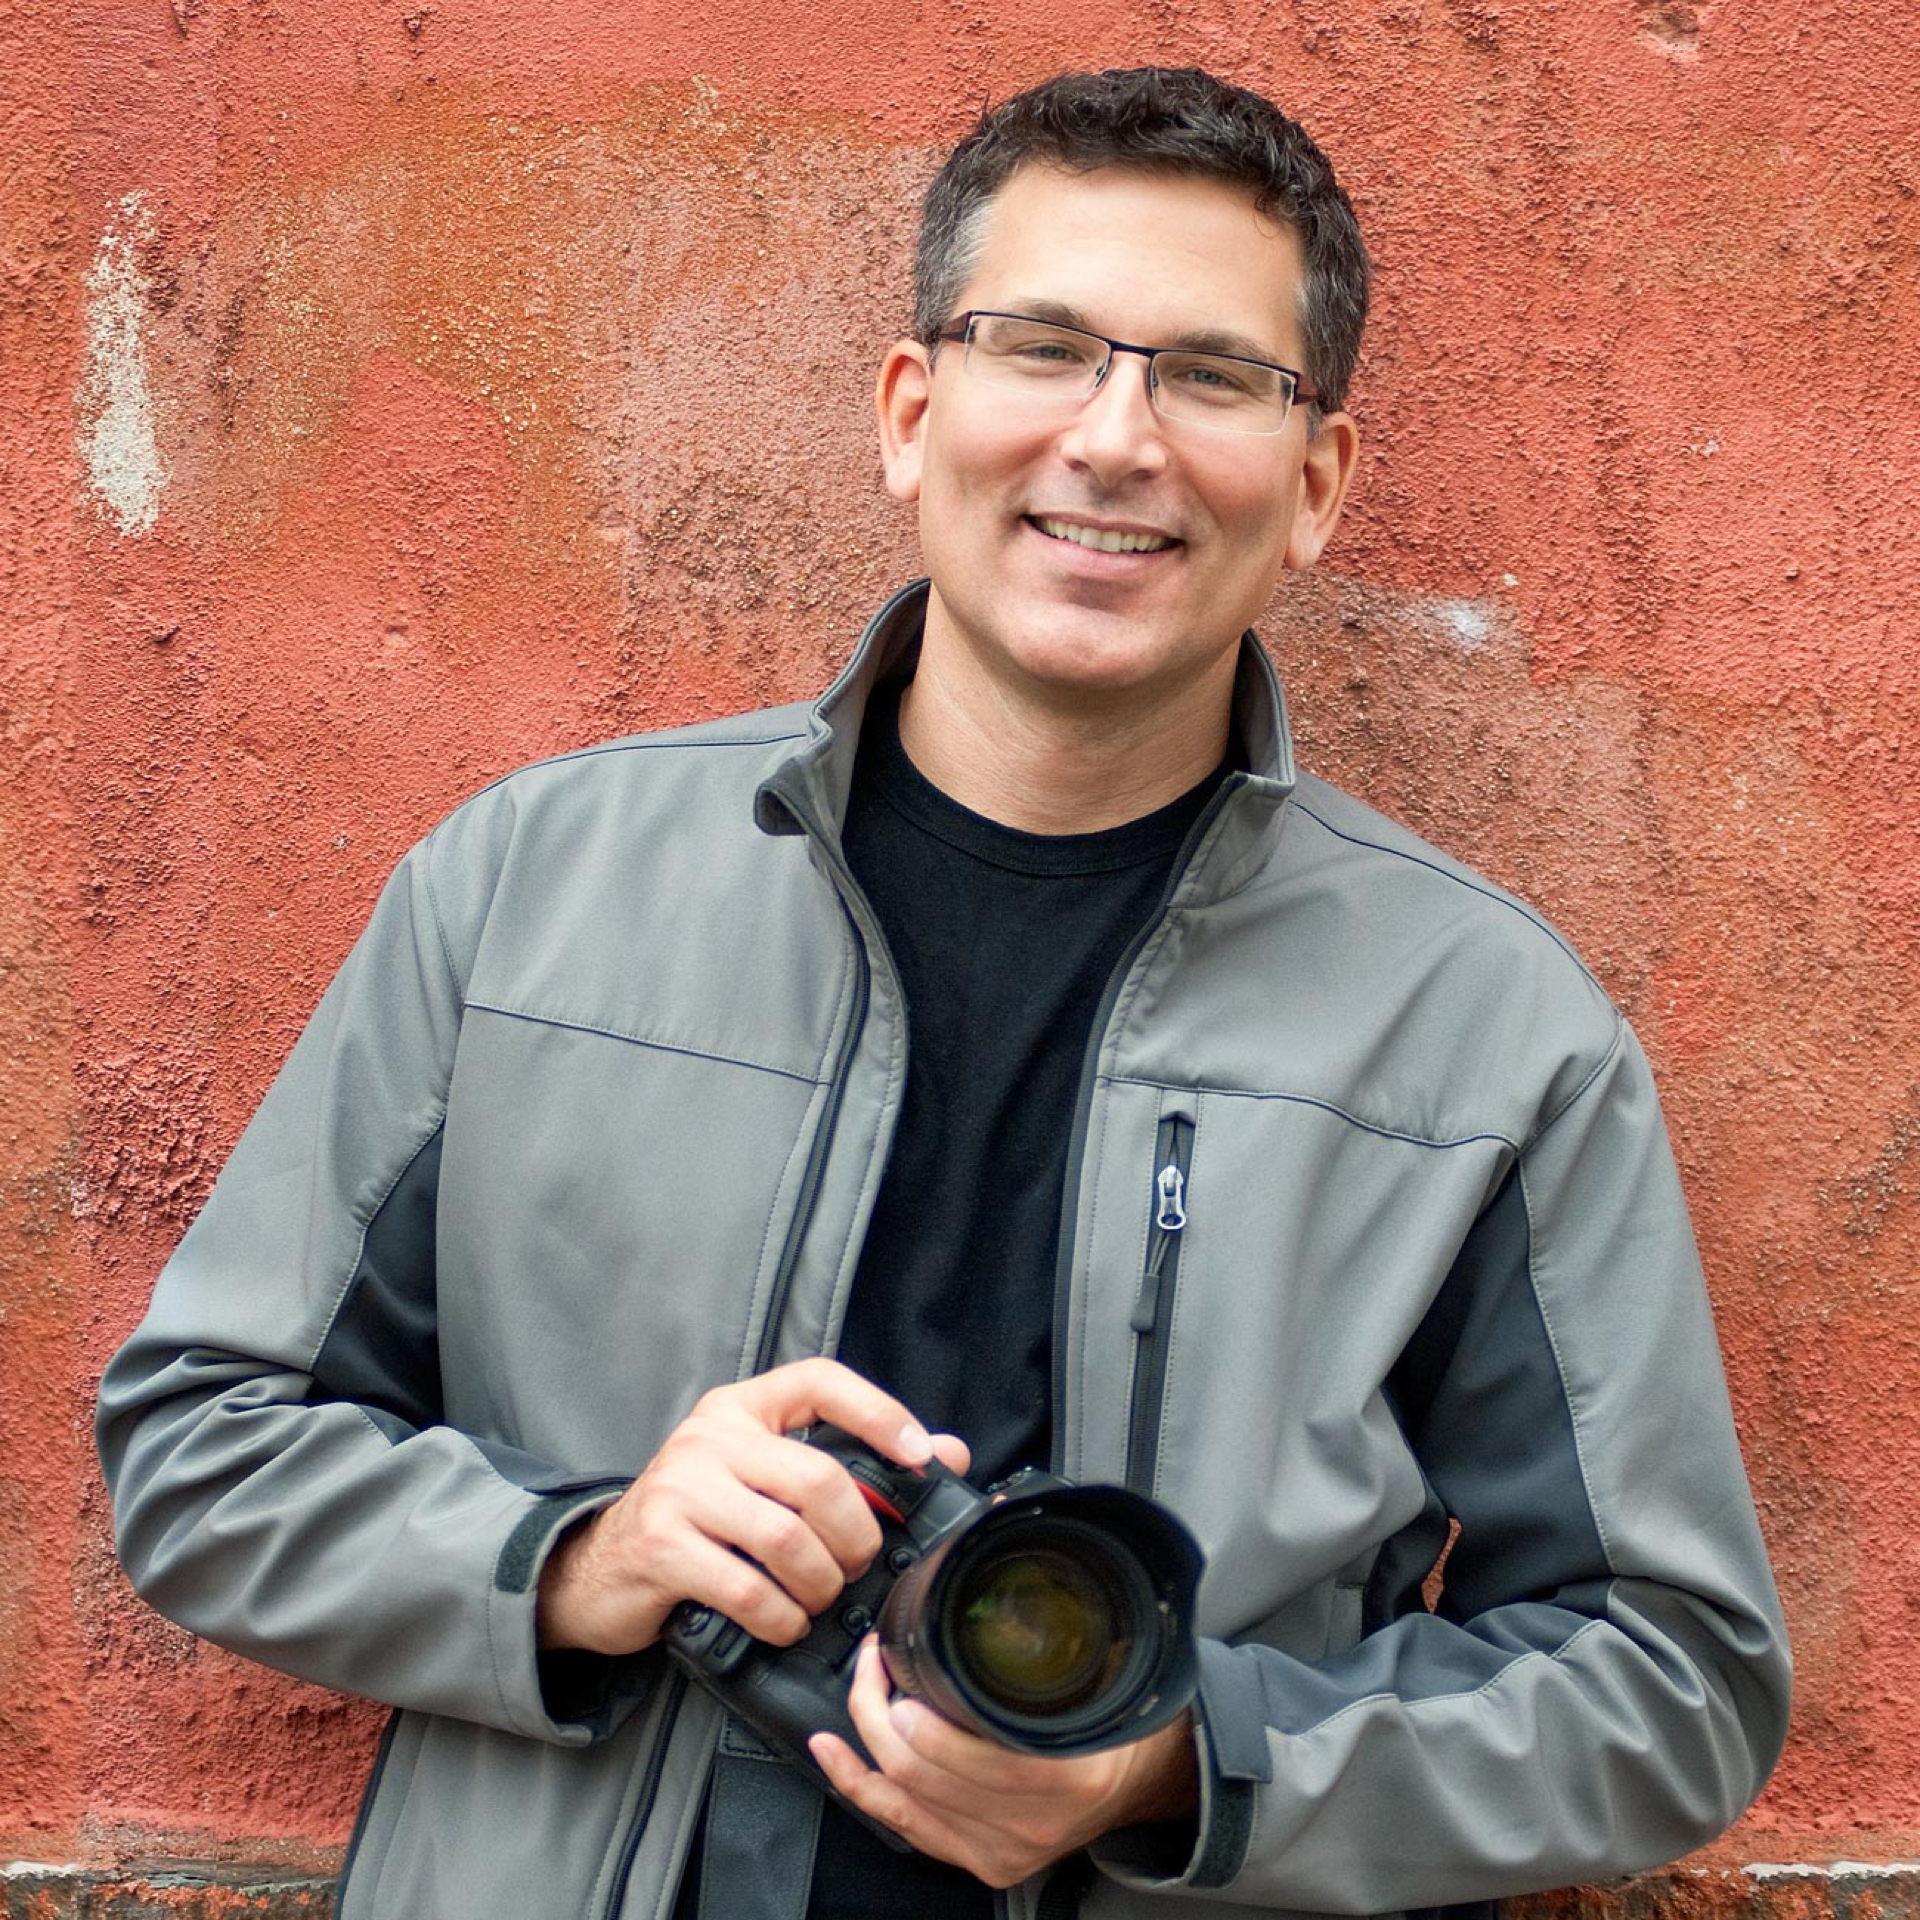 Andrew Prokos